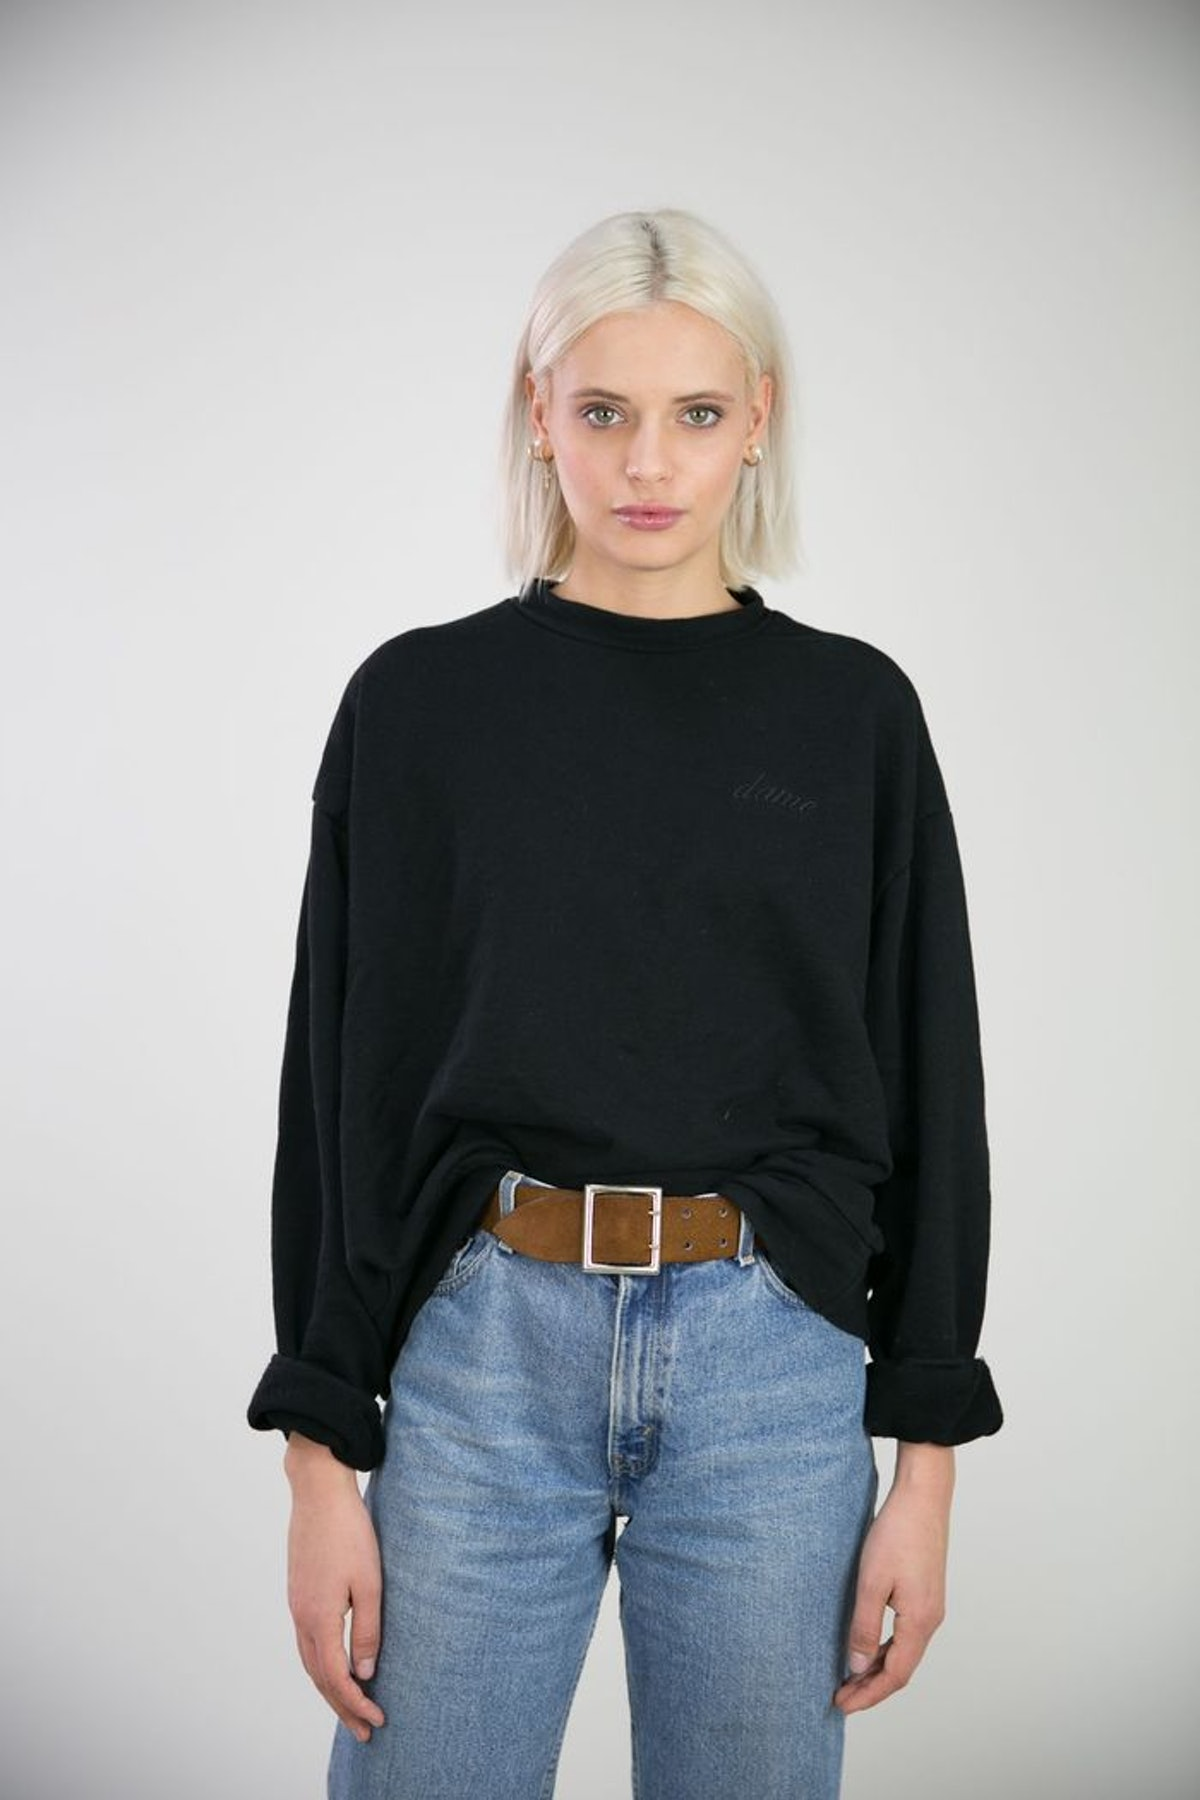 The Oversized Sweatshirt